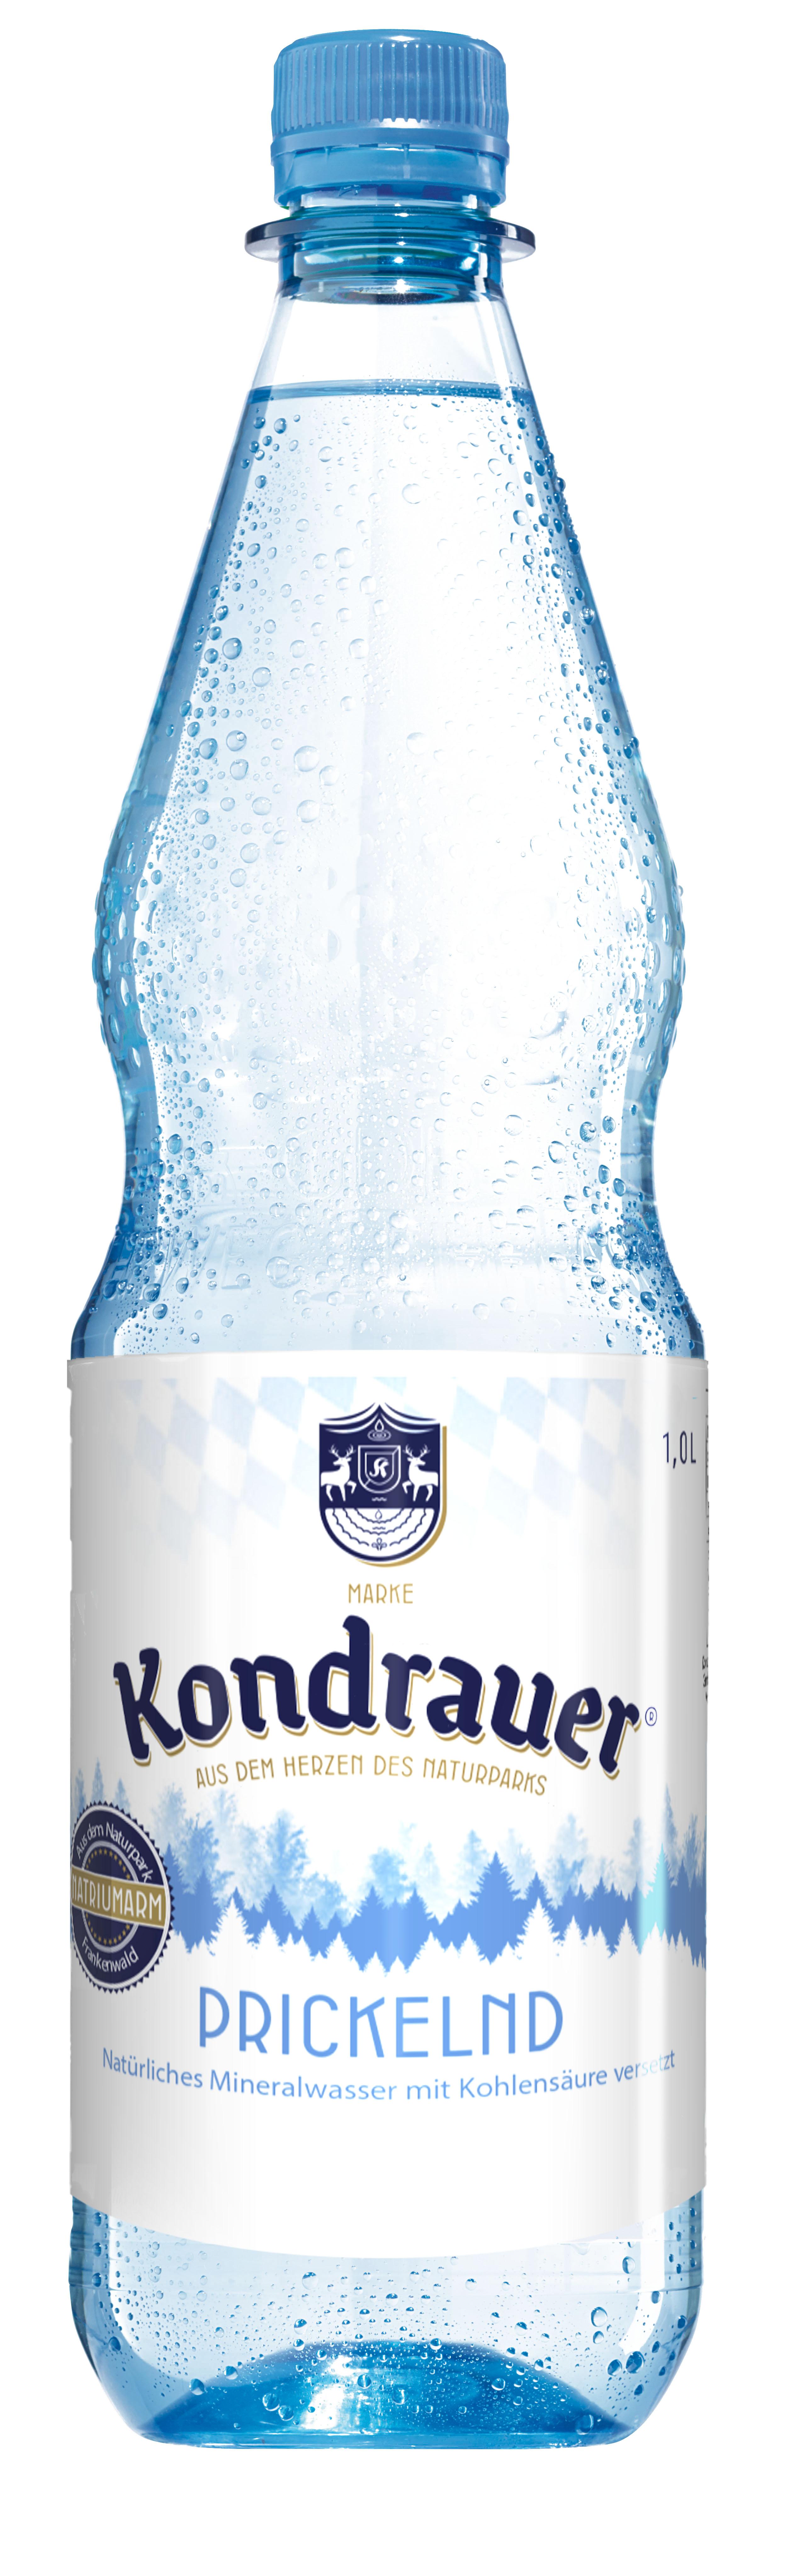 """Mineralwasser """"Prickelnd"""" 1,0 l PET-Mehrwegflasche"""